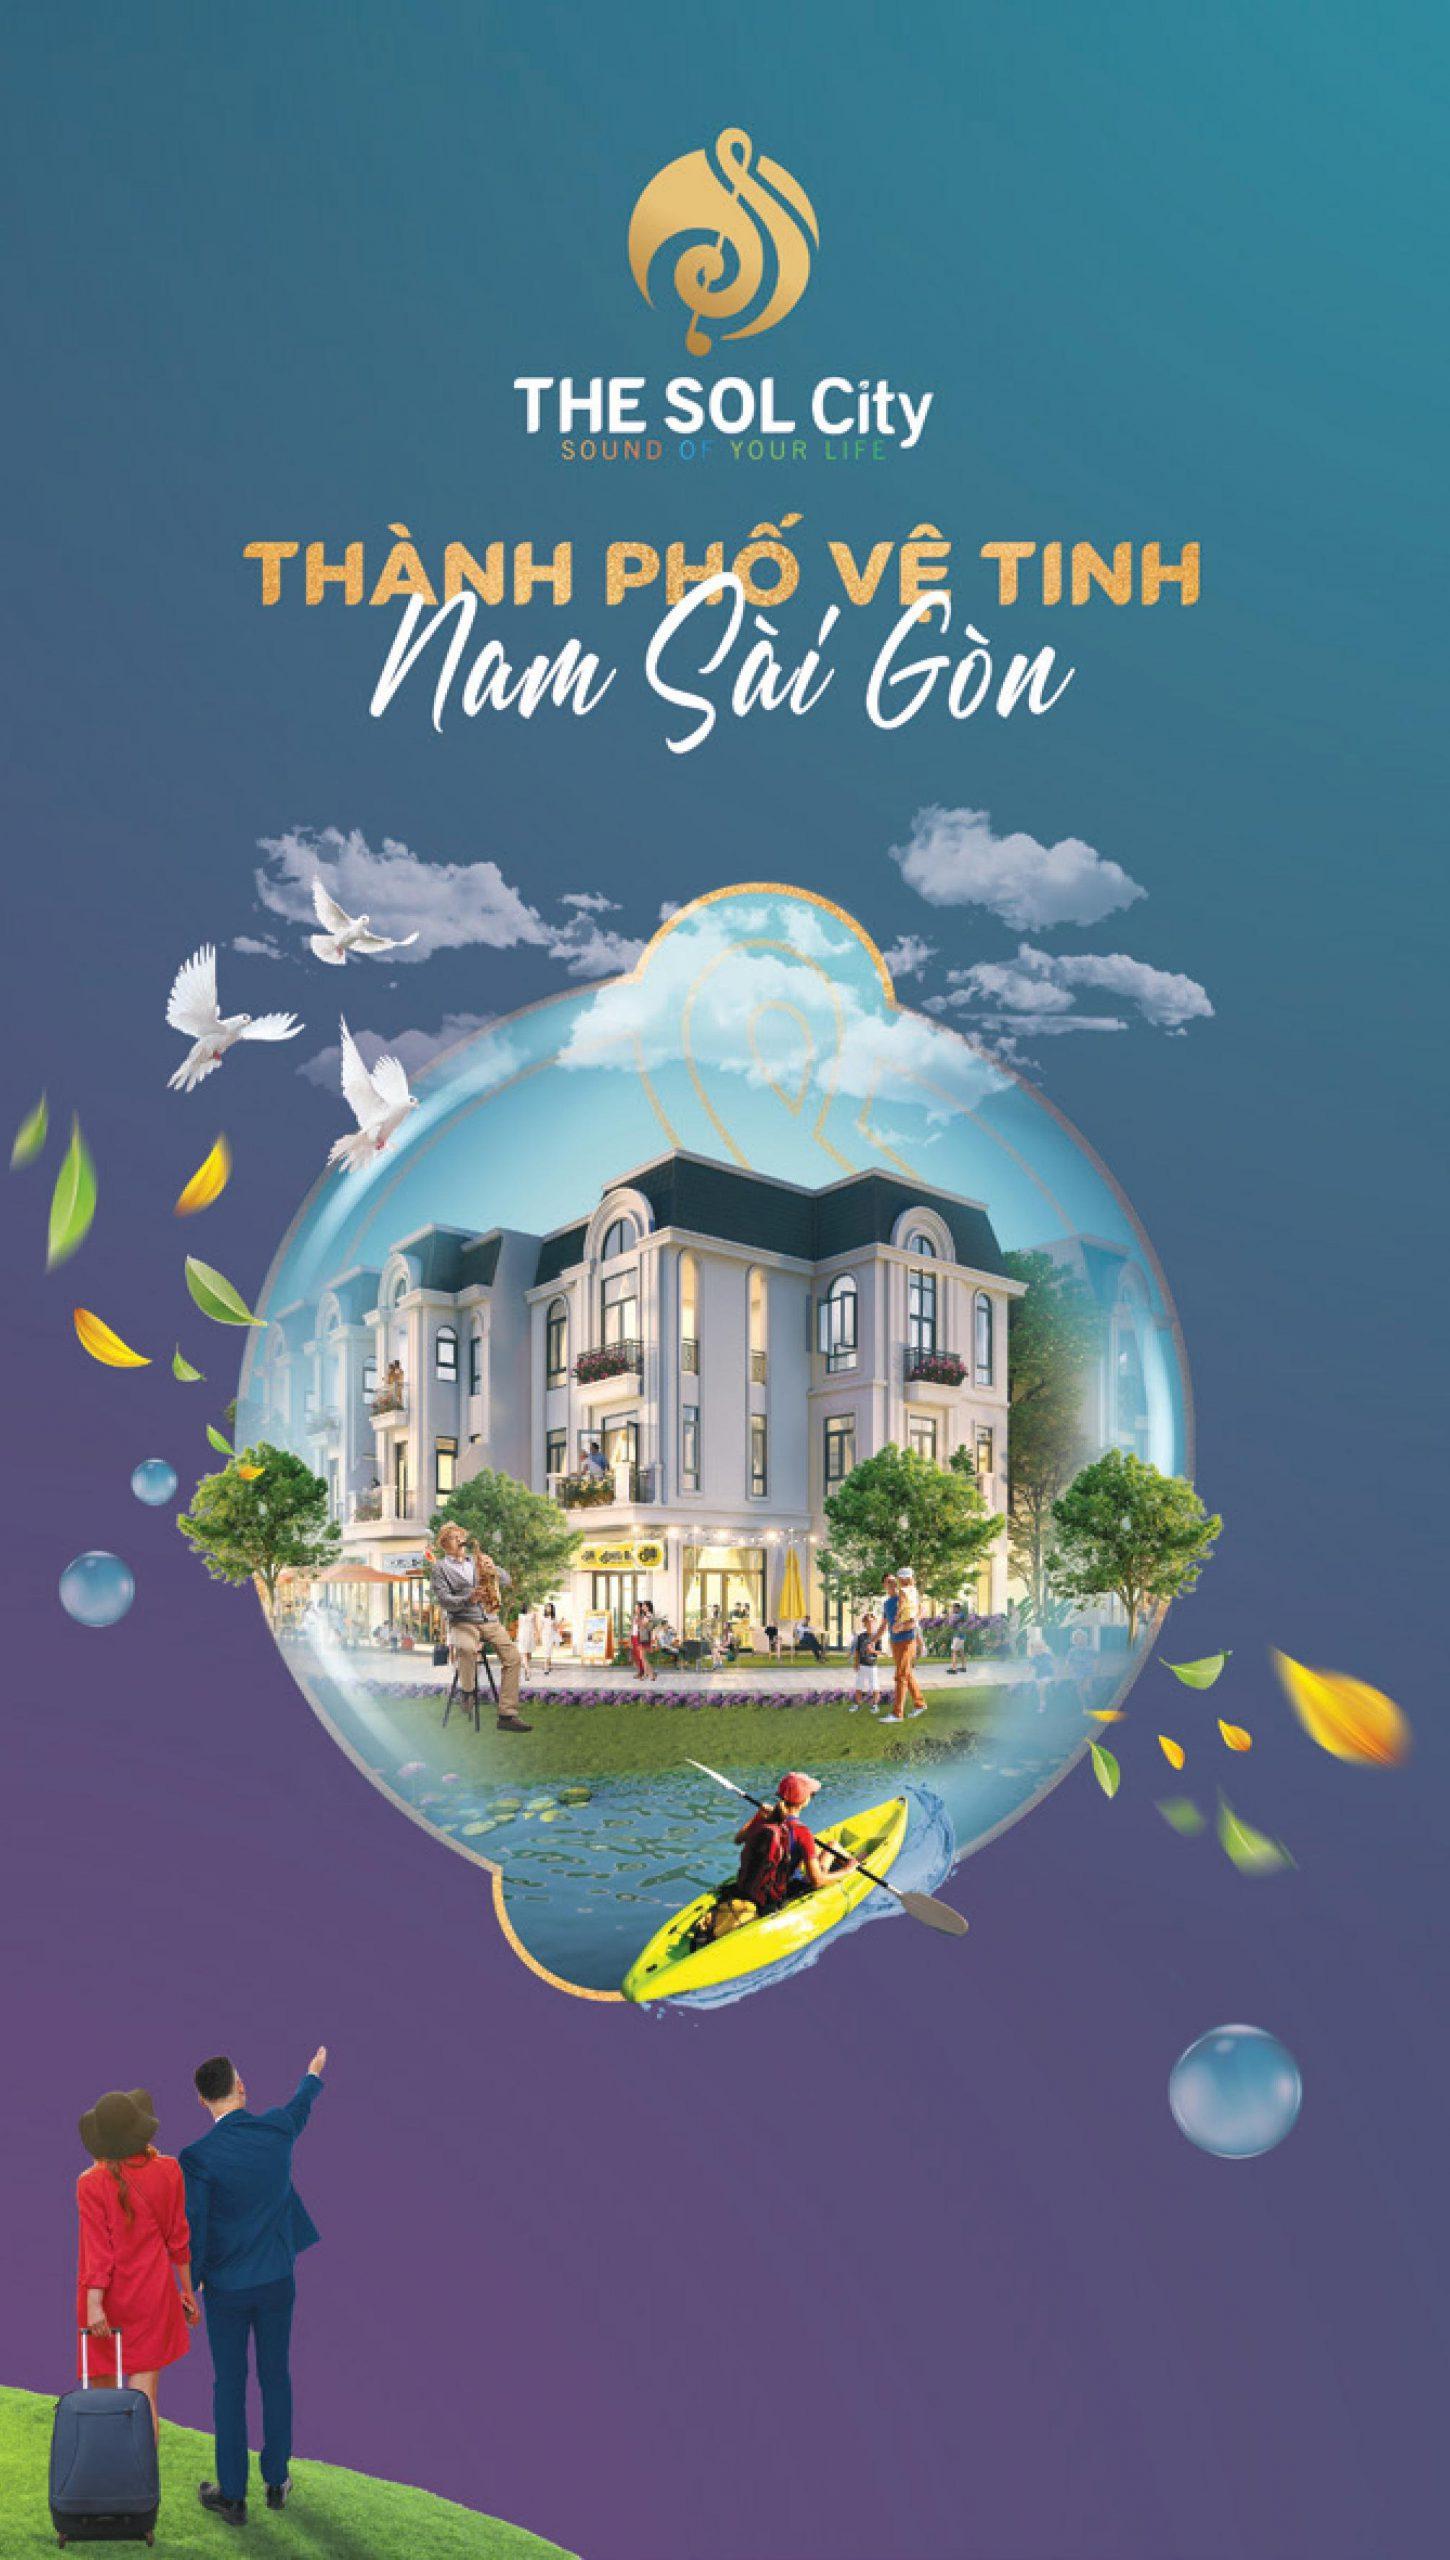 The Sol City - Thành Phố Vệ Tinh Nam Sài Gòn Của CĐT Thắng Lợi Group